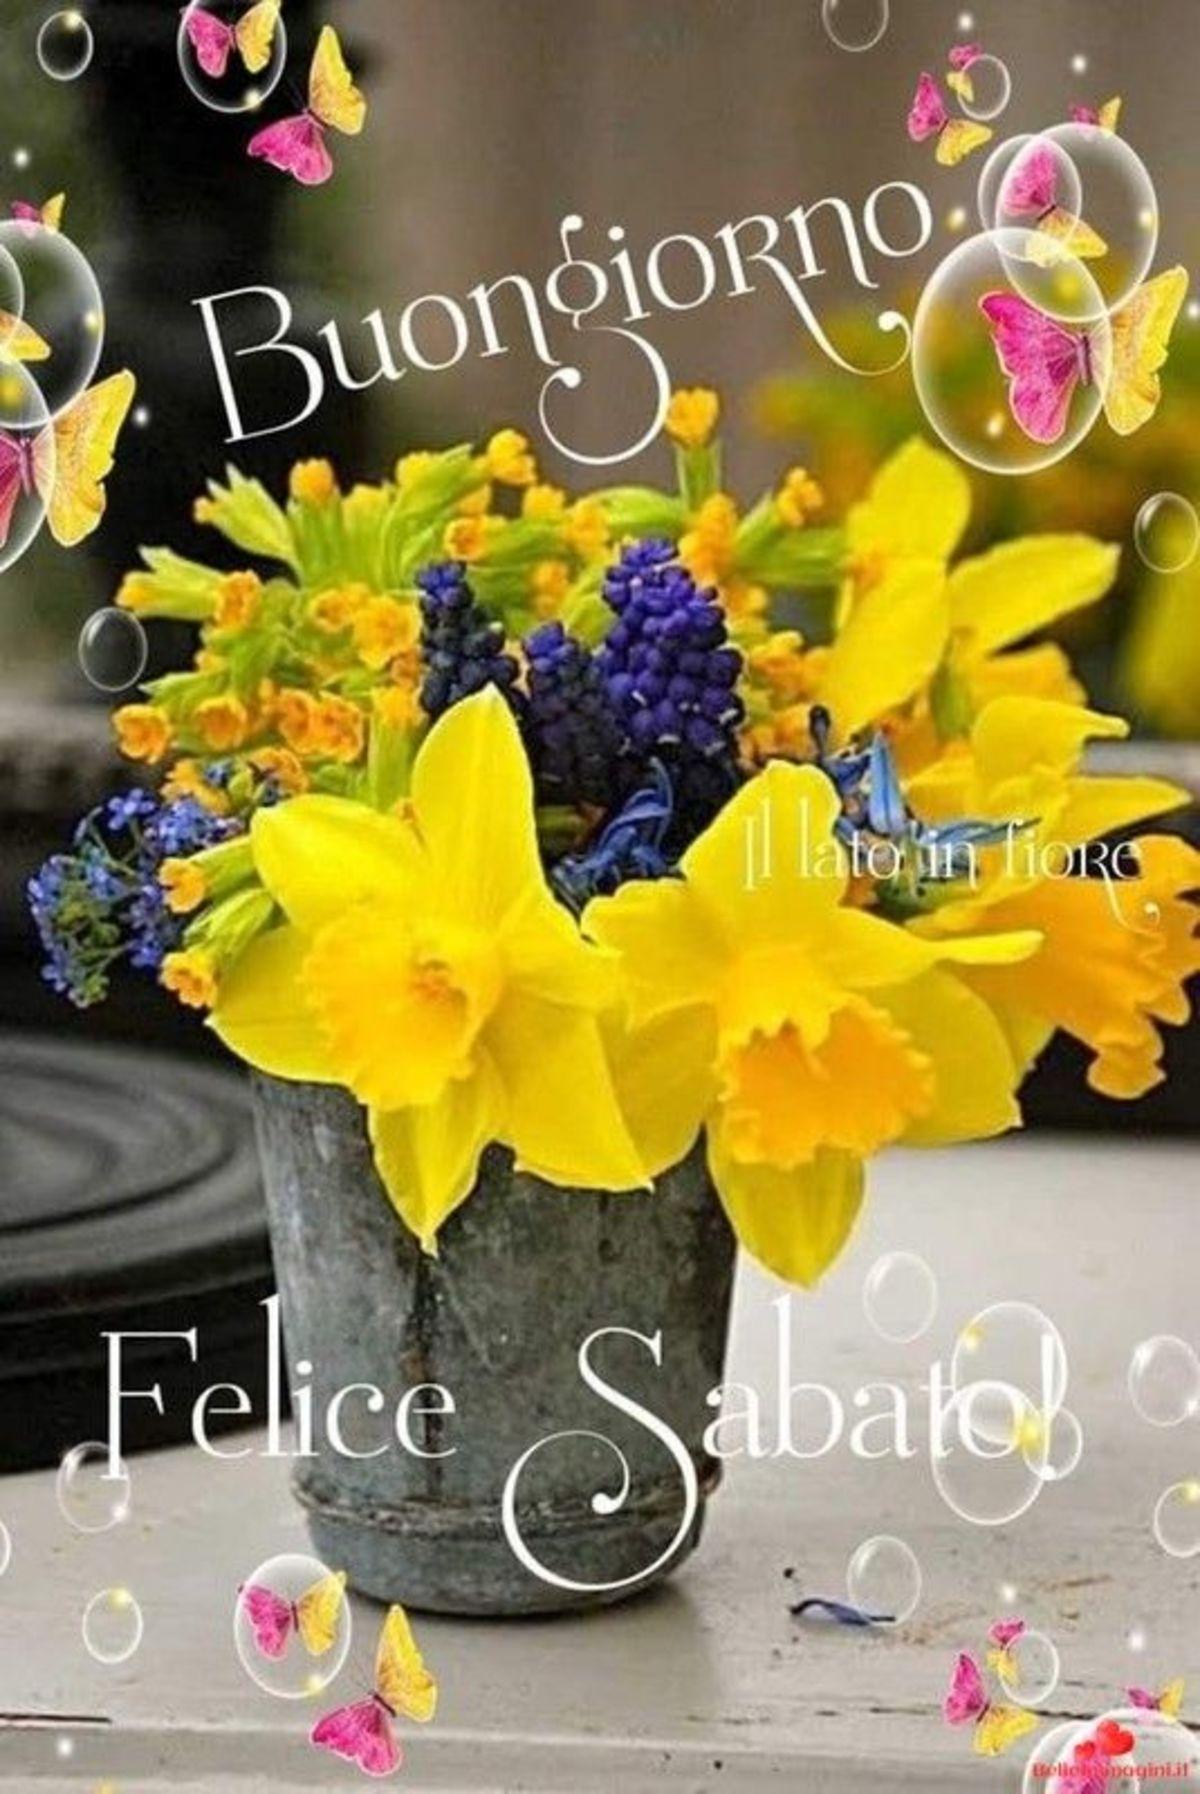 Buon Sabato Buongiorno Immagini Gif 6705